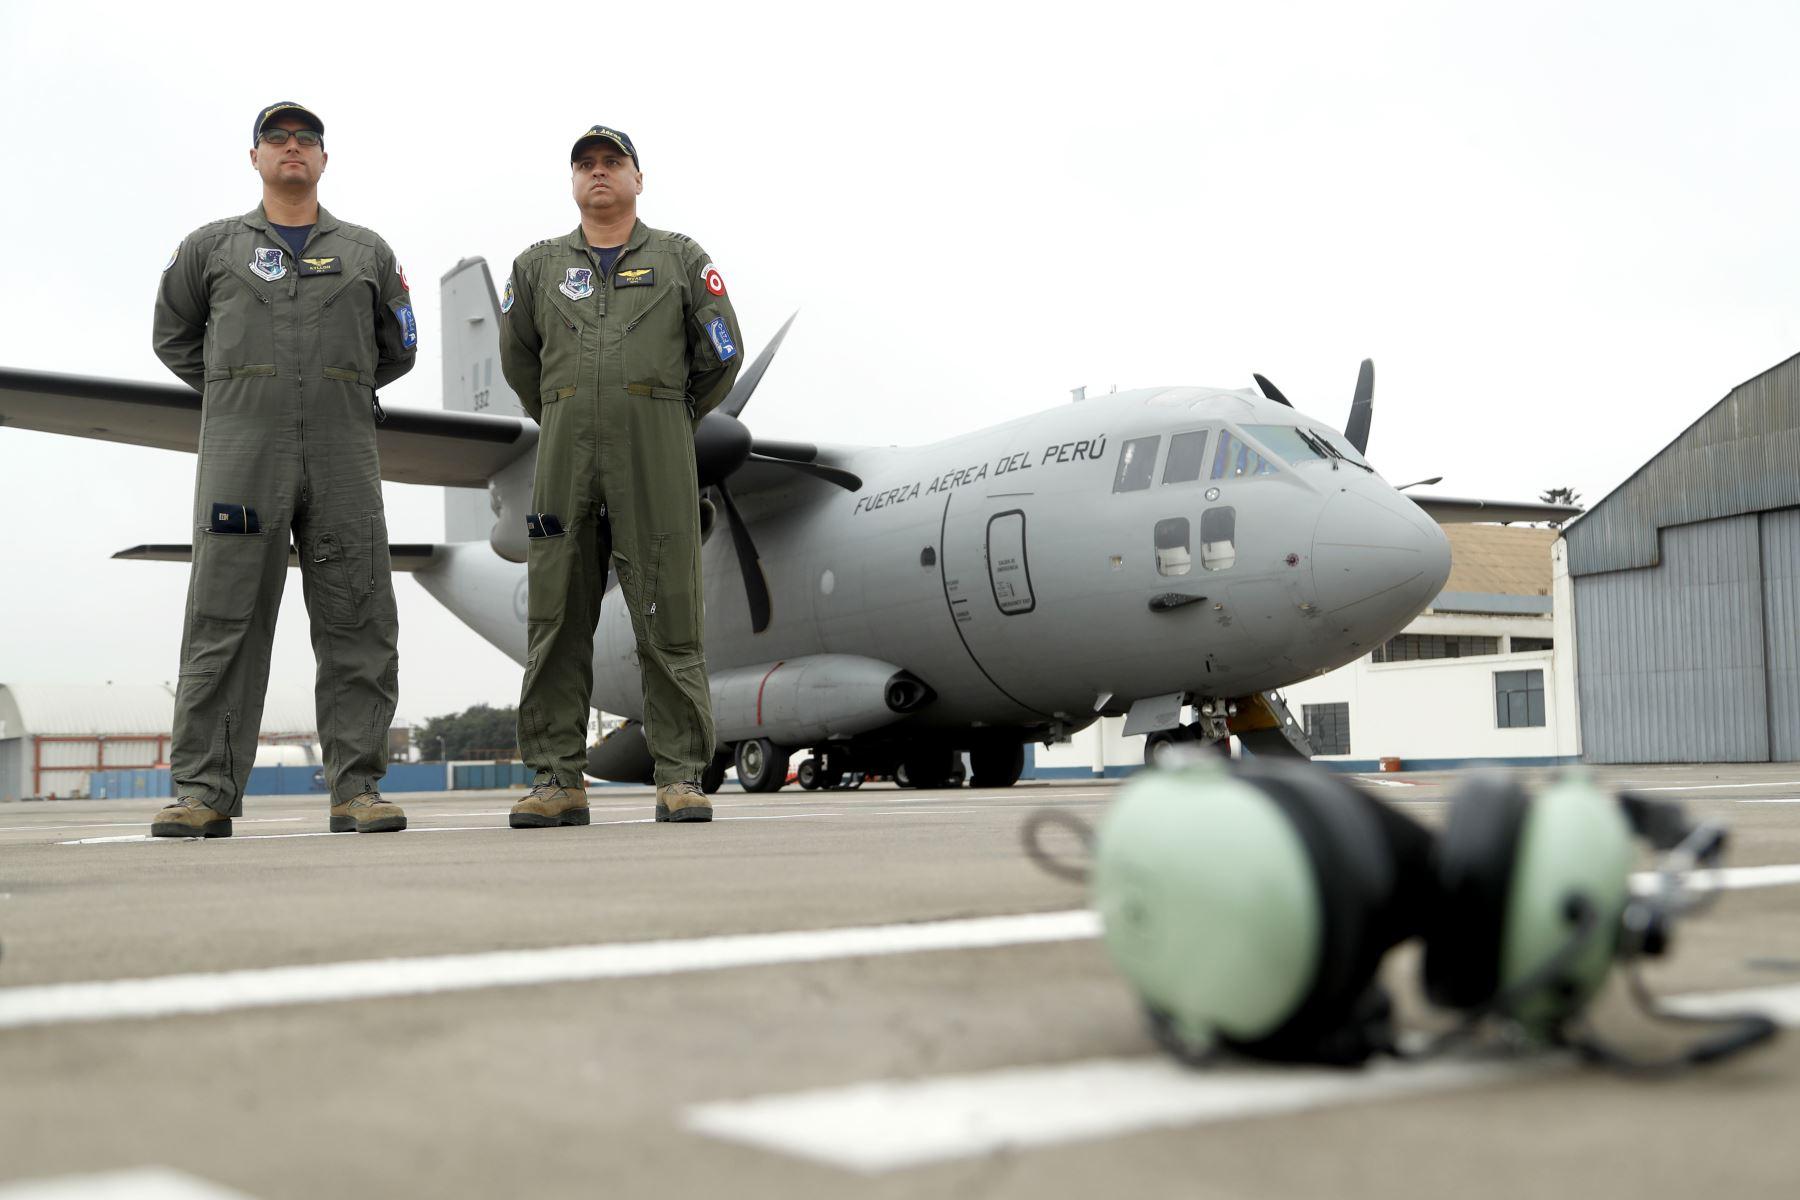 El Mayor, Alonso Ayllon junto al Mayor, Julio Rivas, pilotos de la aeronave C27J Spartan. Foto: ANDINA/Josue Ramos